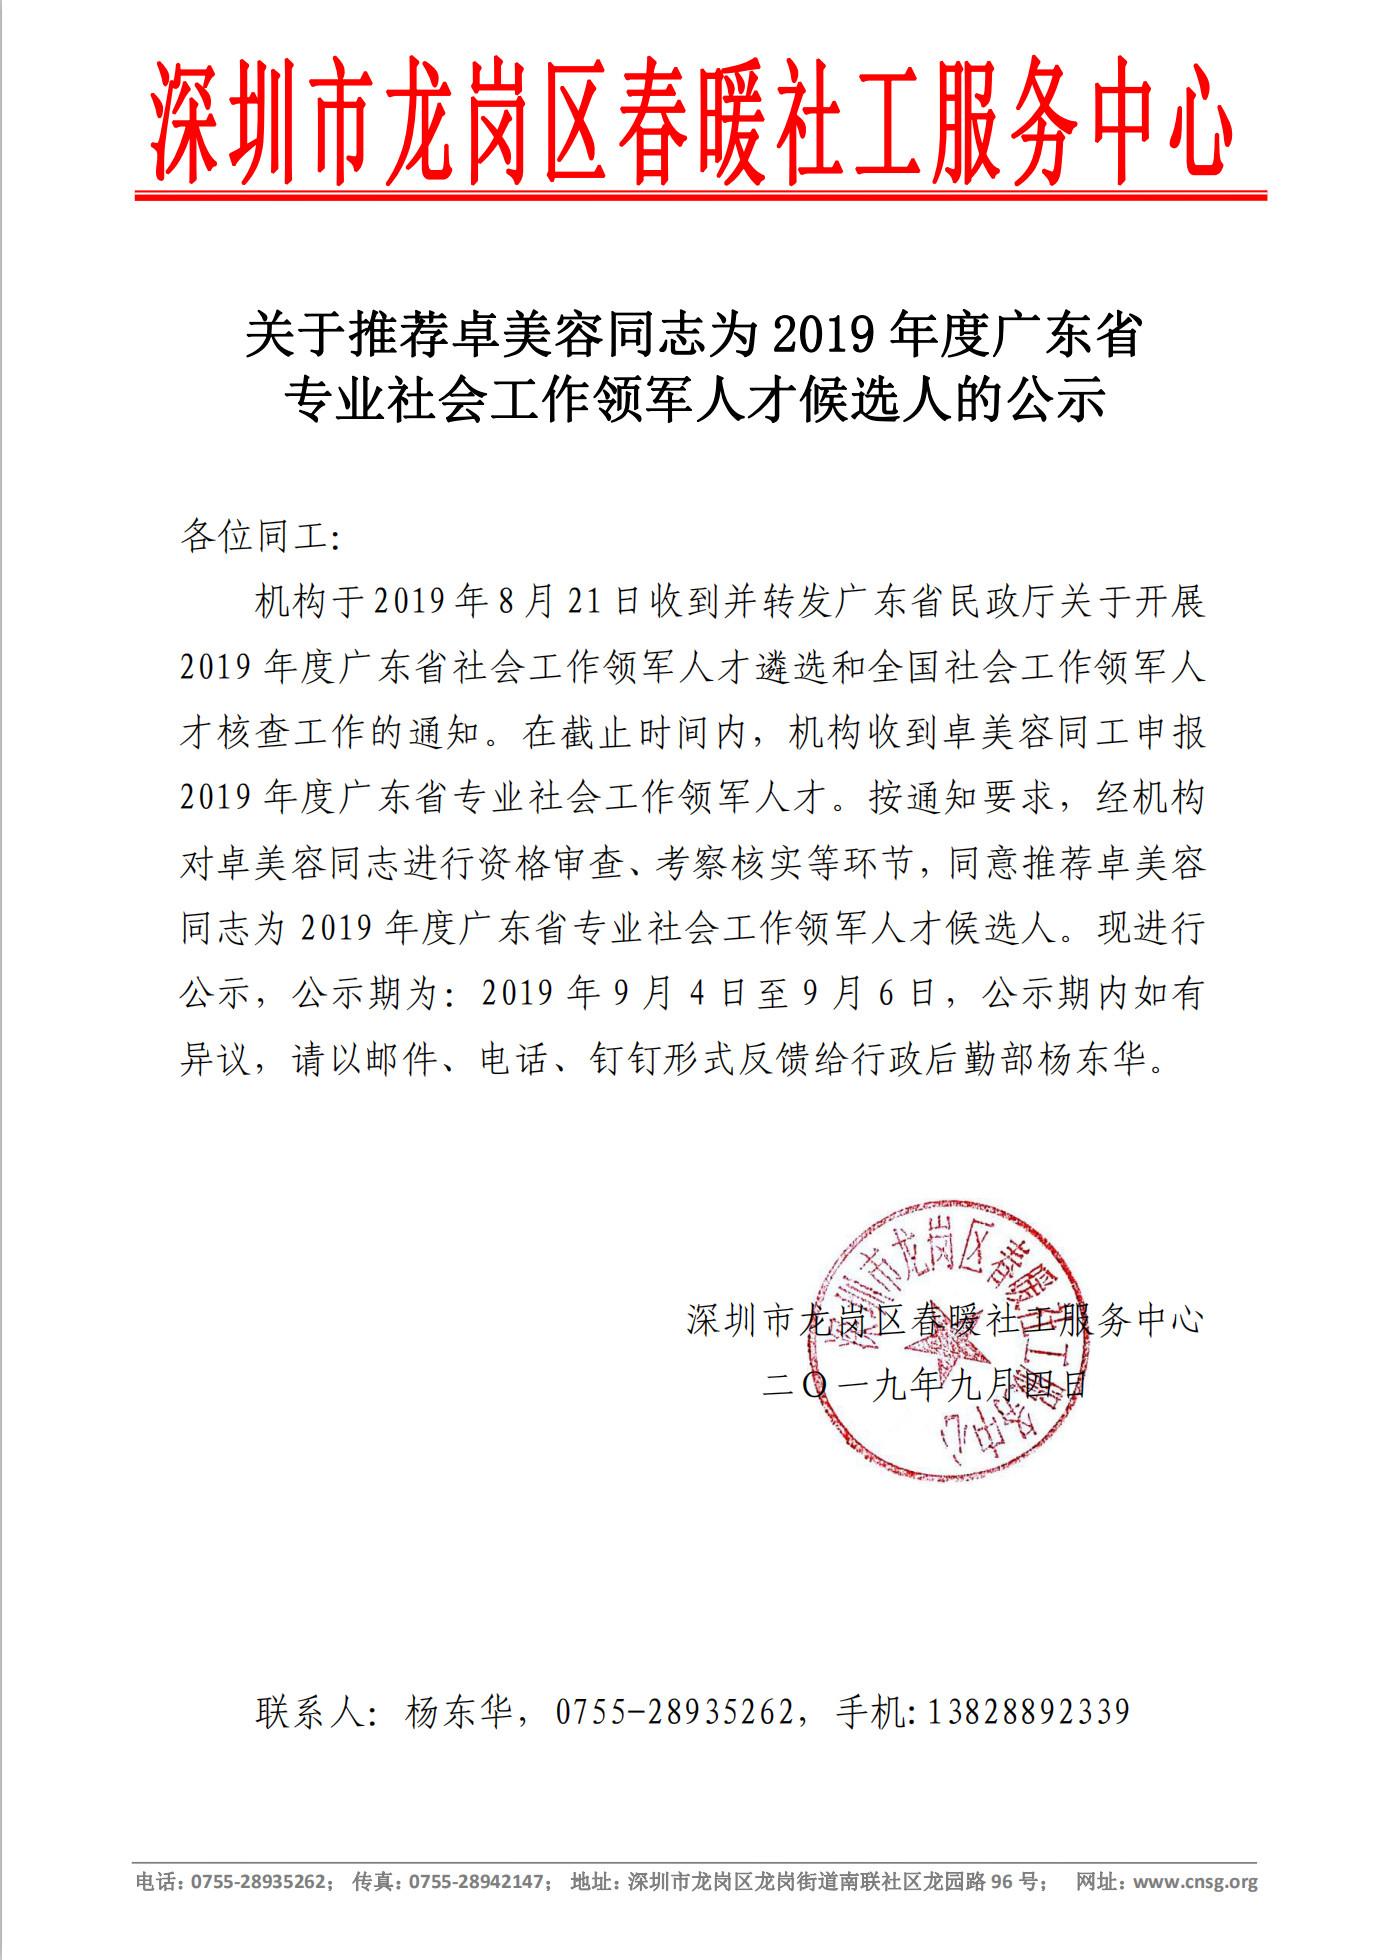 关于推荐卓美容同志为2019年度广东省专业社会工作领军人才候选人的公示